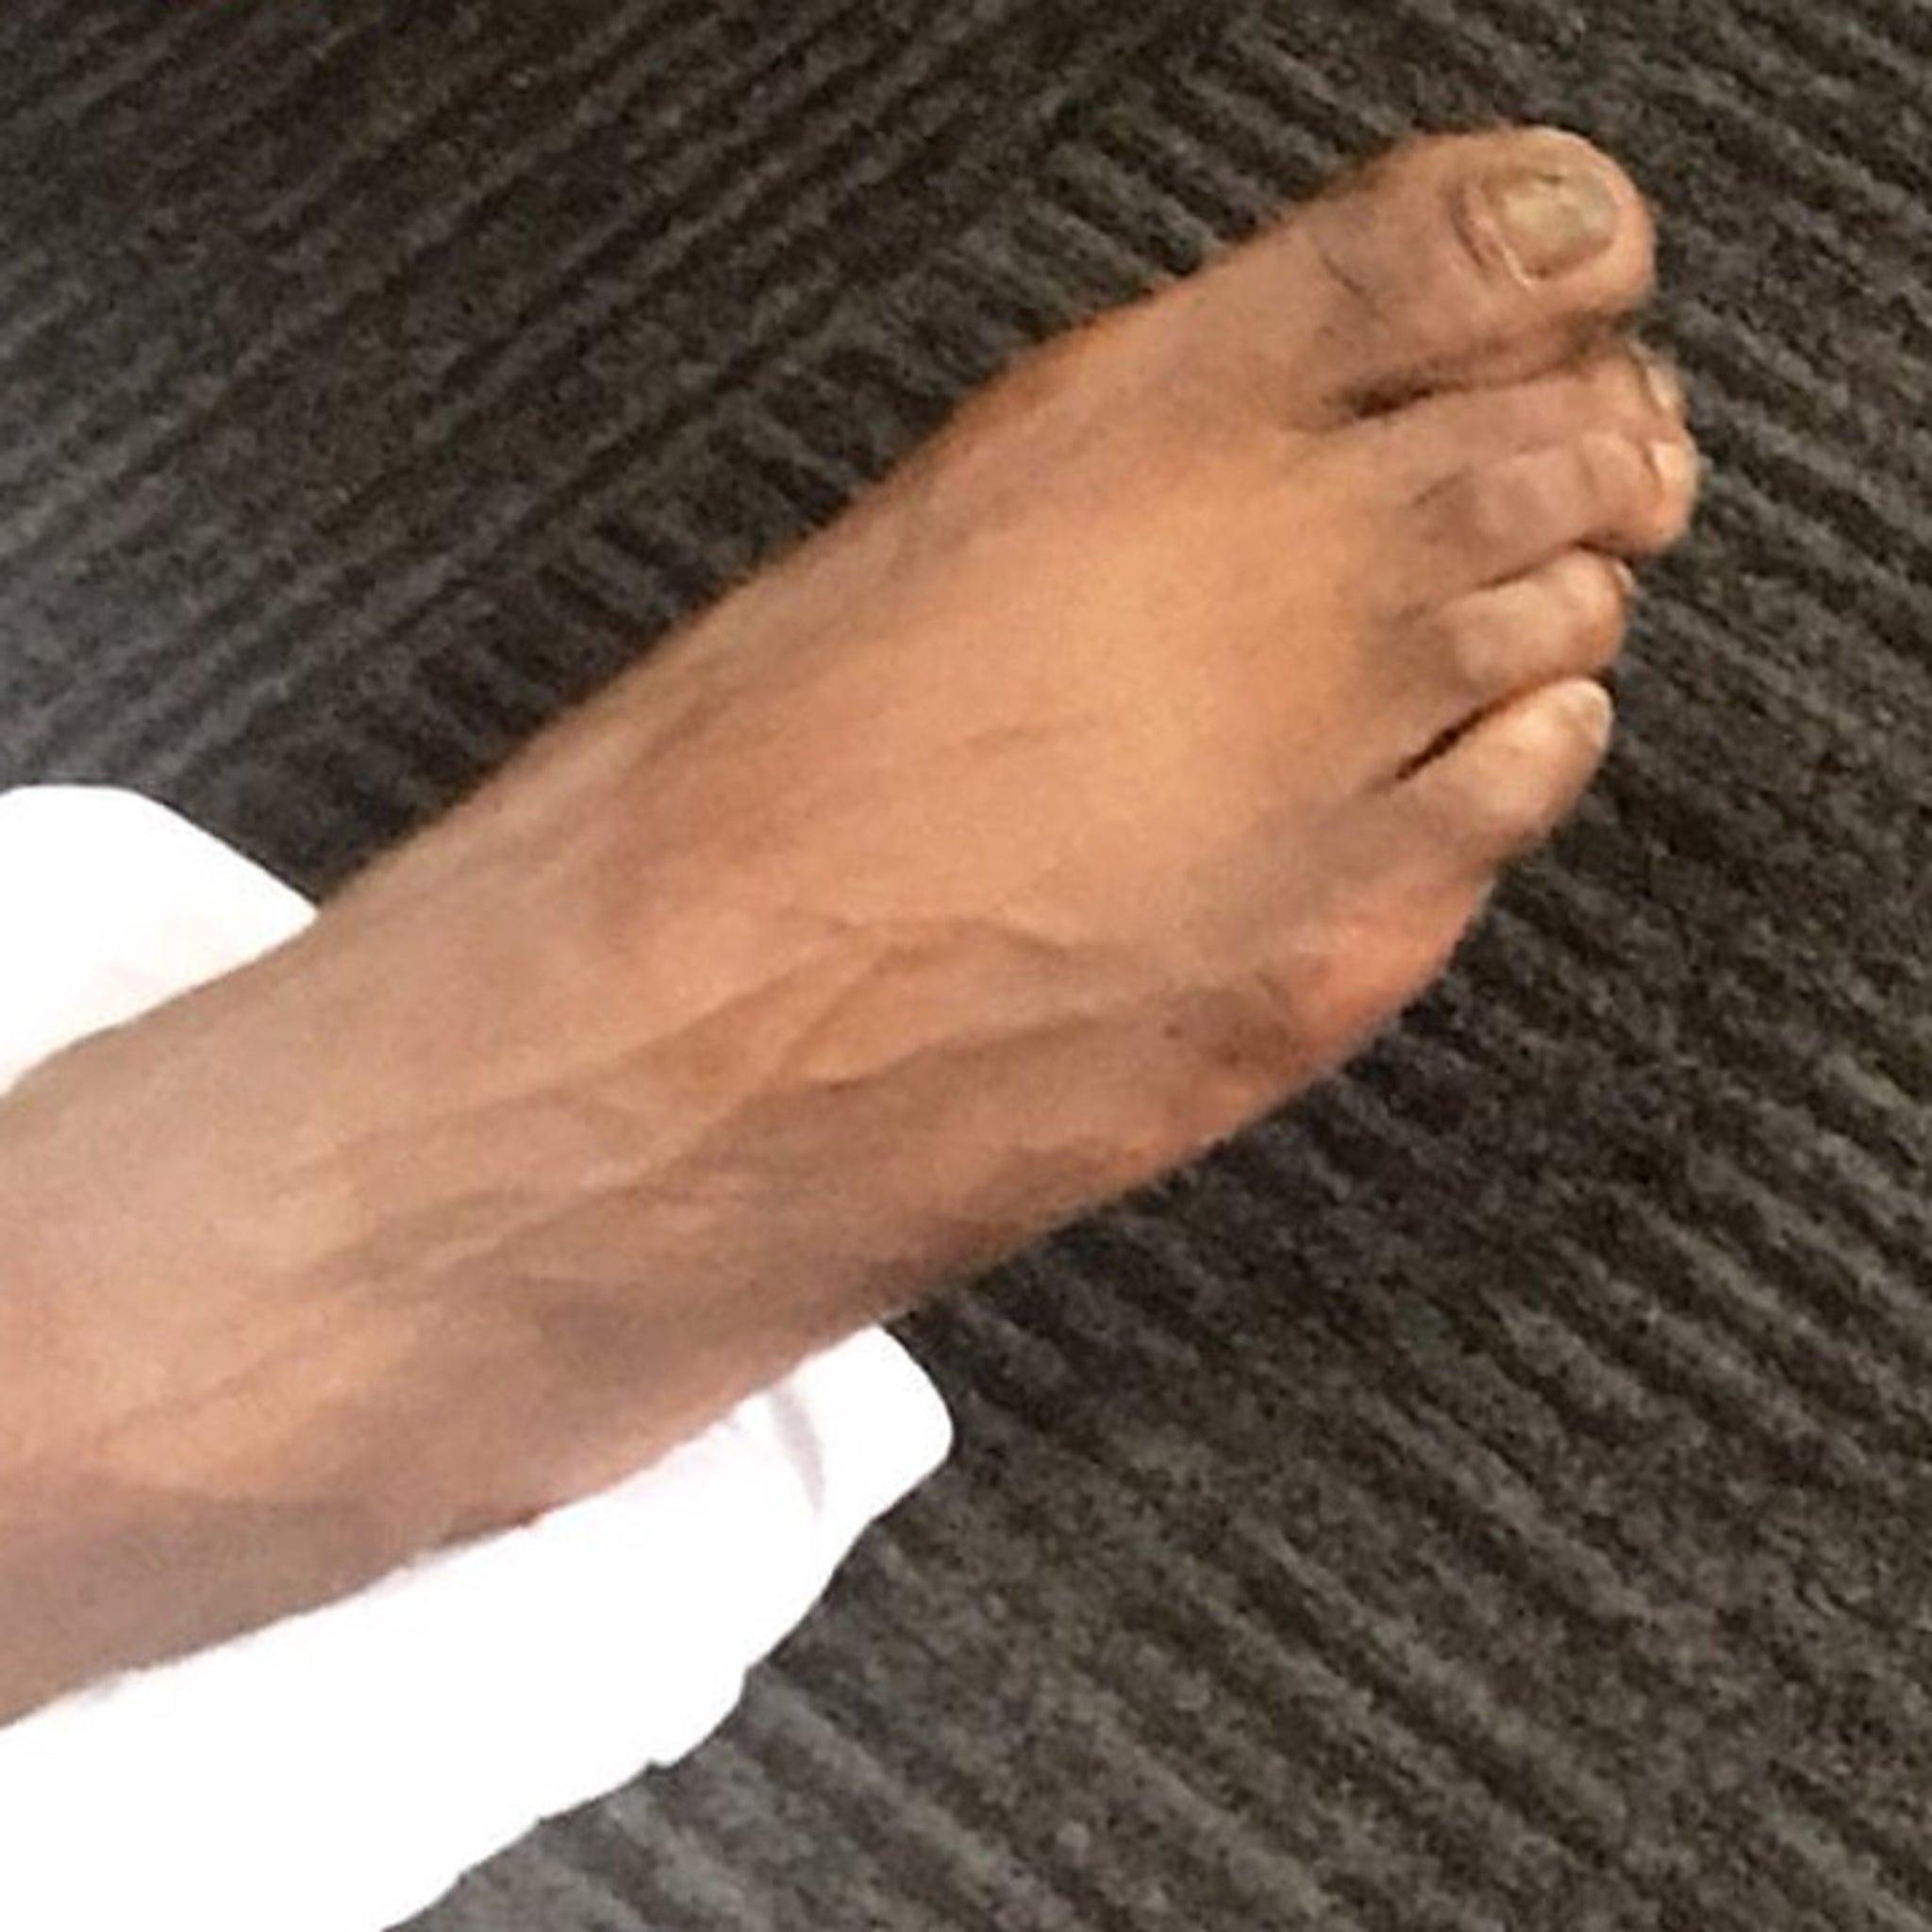 Pussy Hacked Kitana Baker  nude (83 fotos), Snapchat, legs